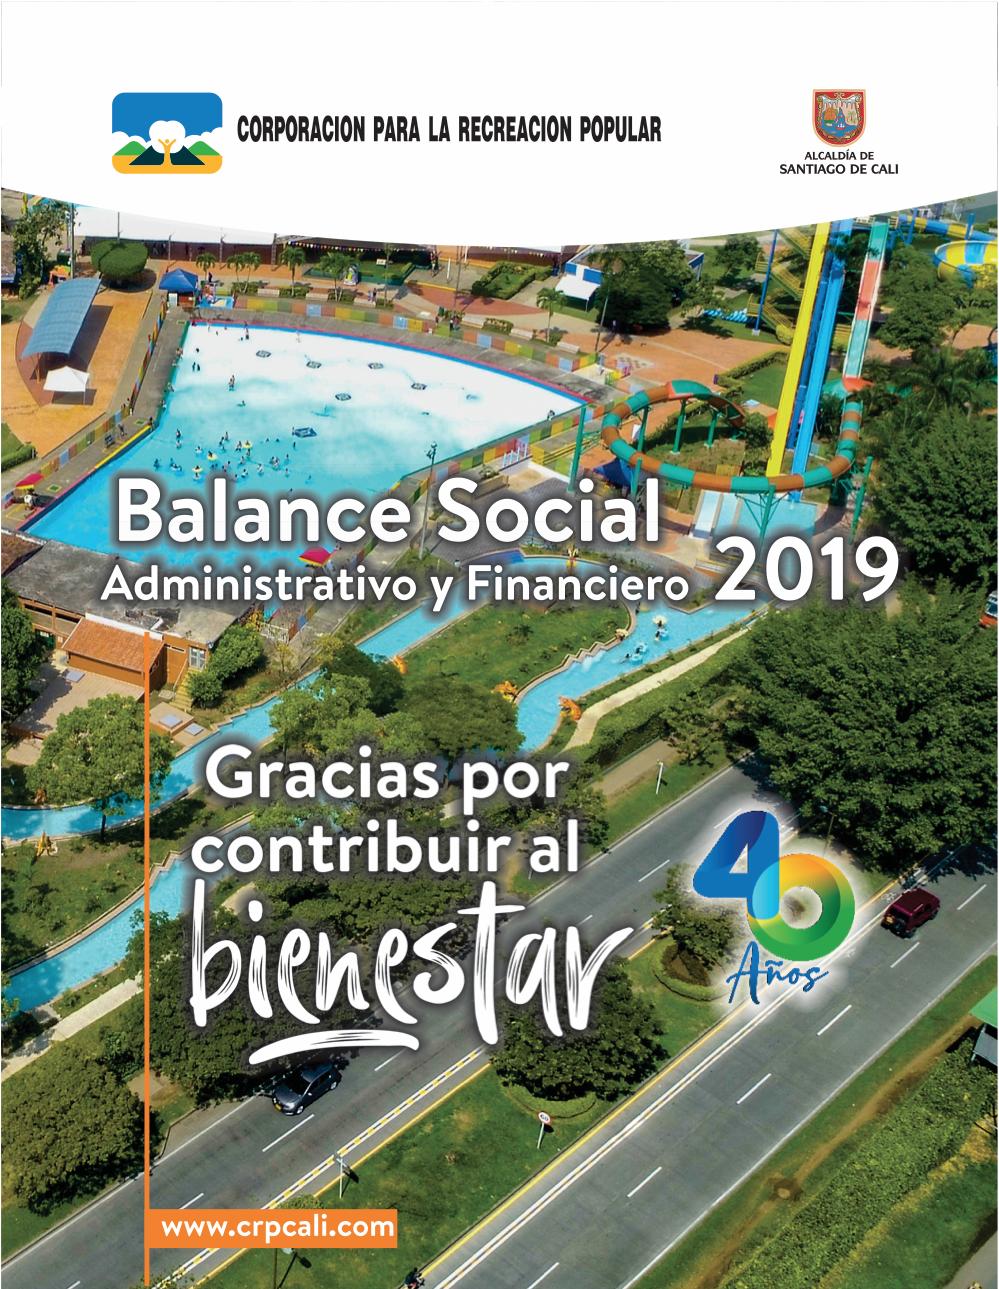 Balance Social administrativo y financiero 2019